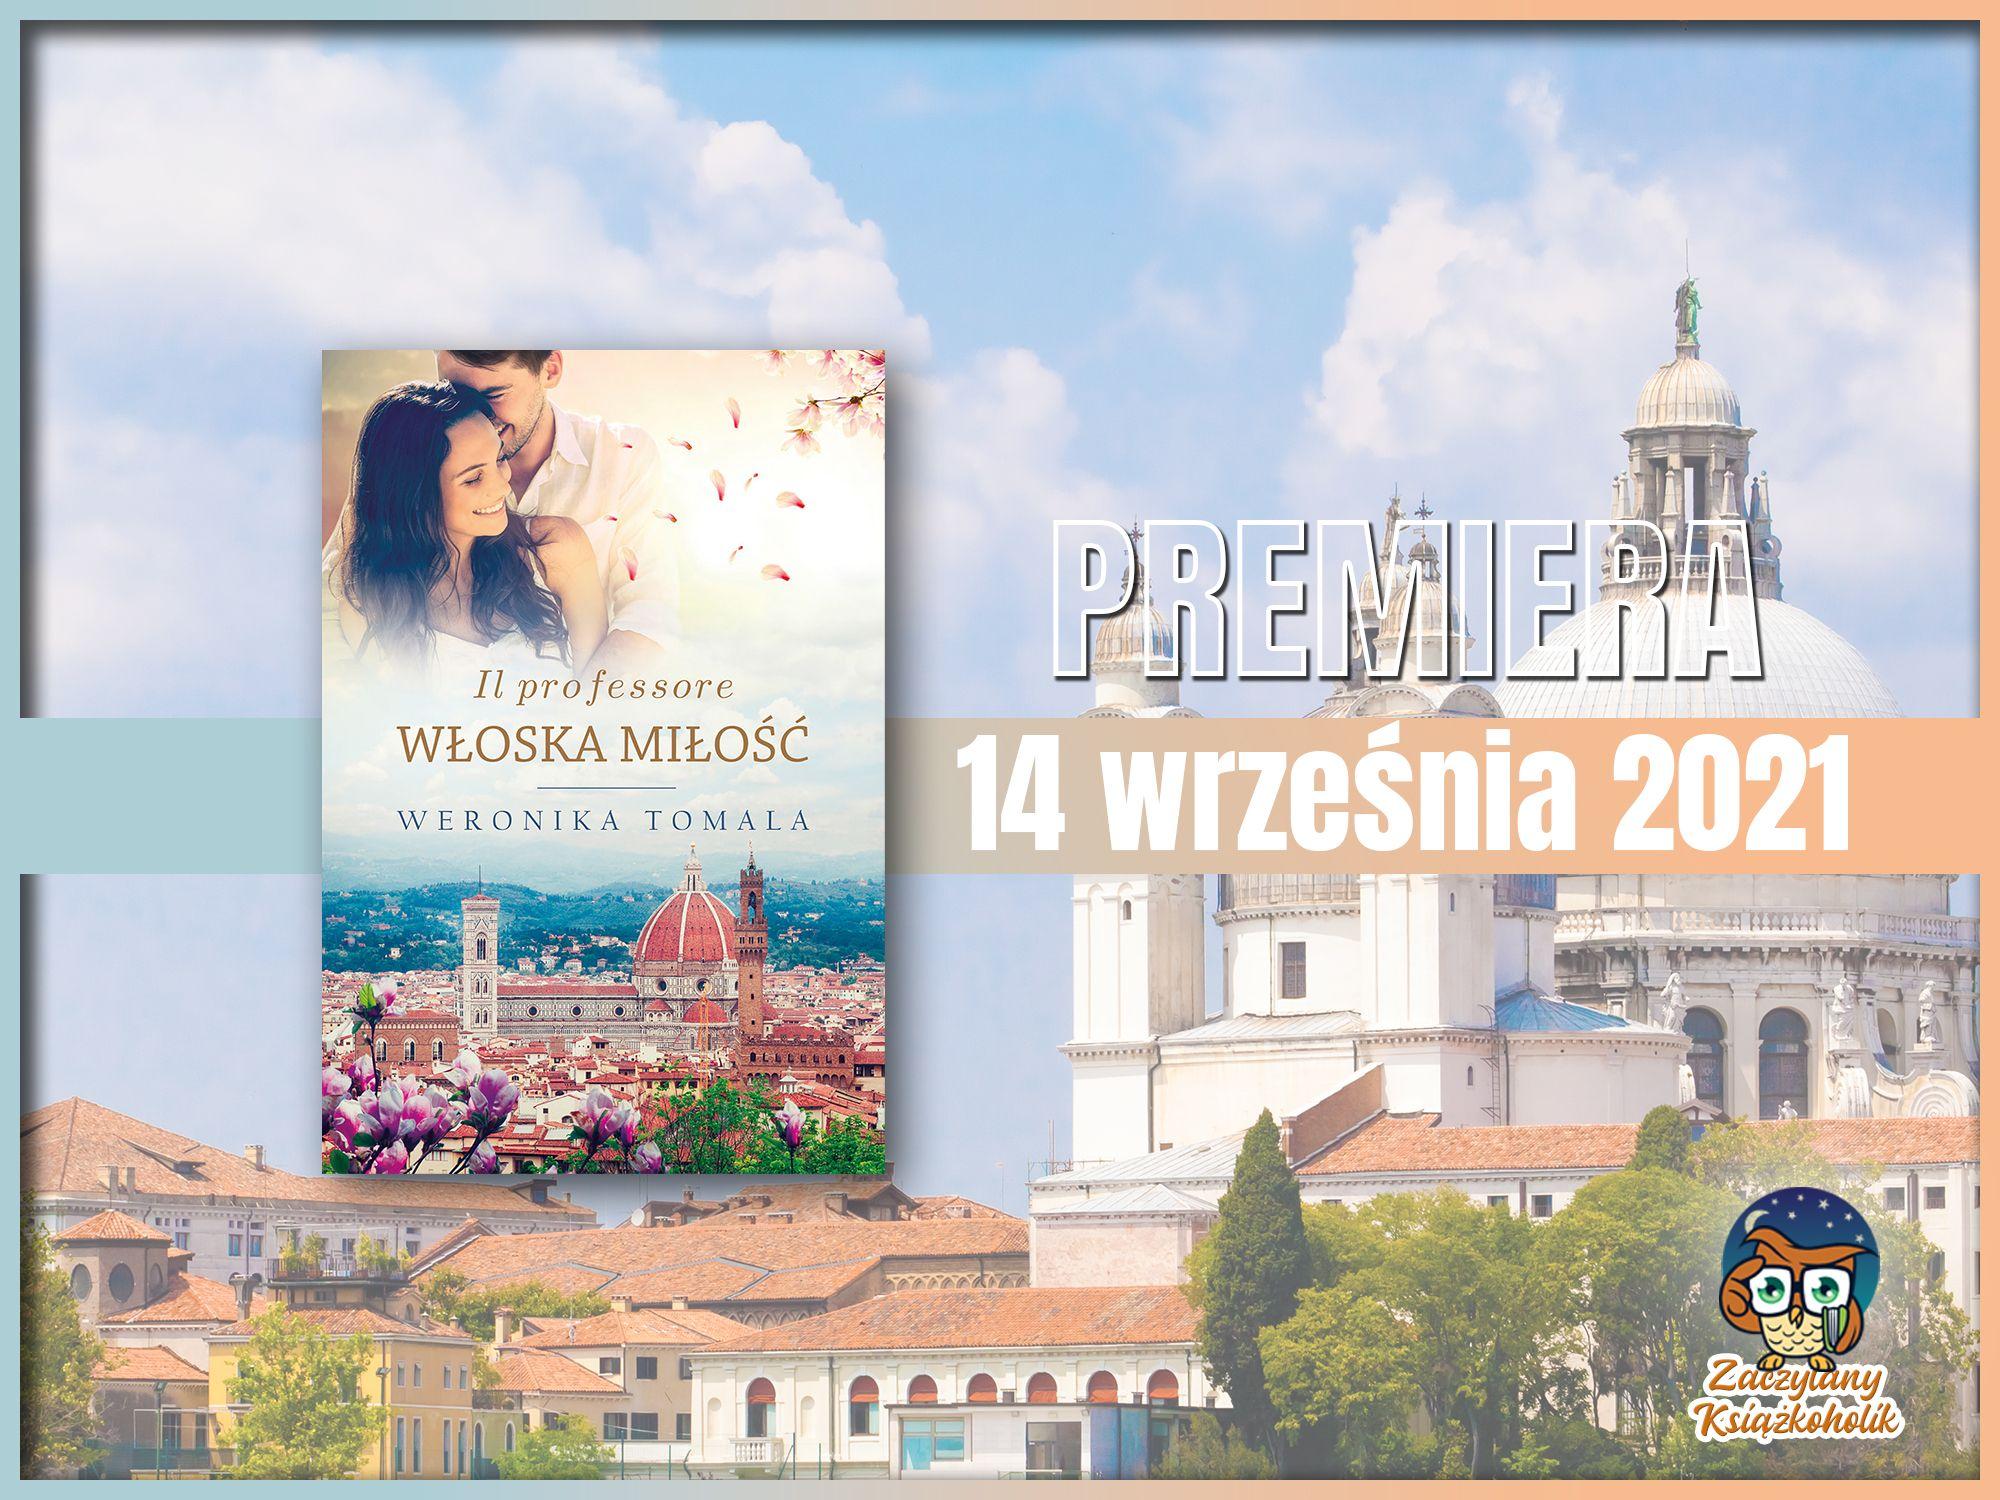 Il professore. Włoska miłość, Weronika Tomala, zaczytanyksiazkoholik.pl